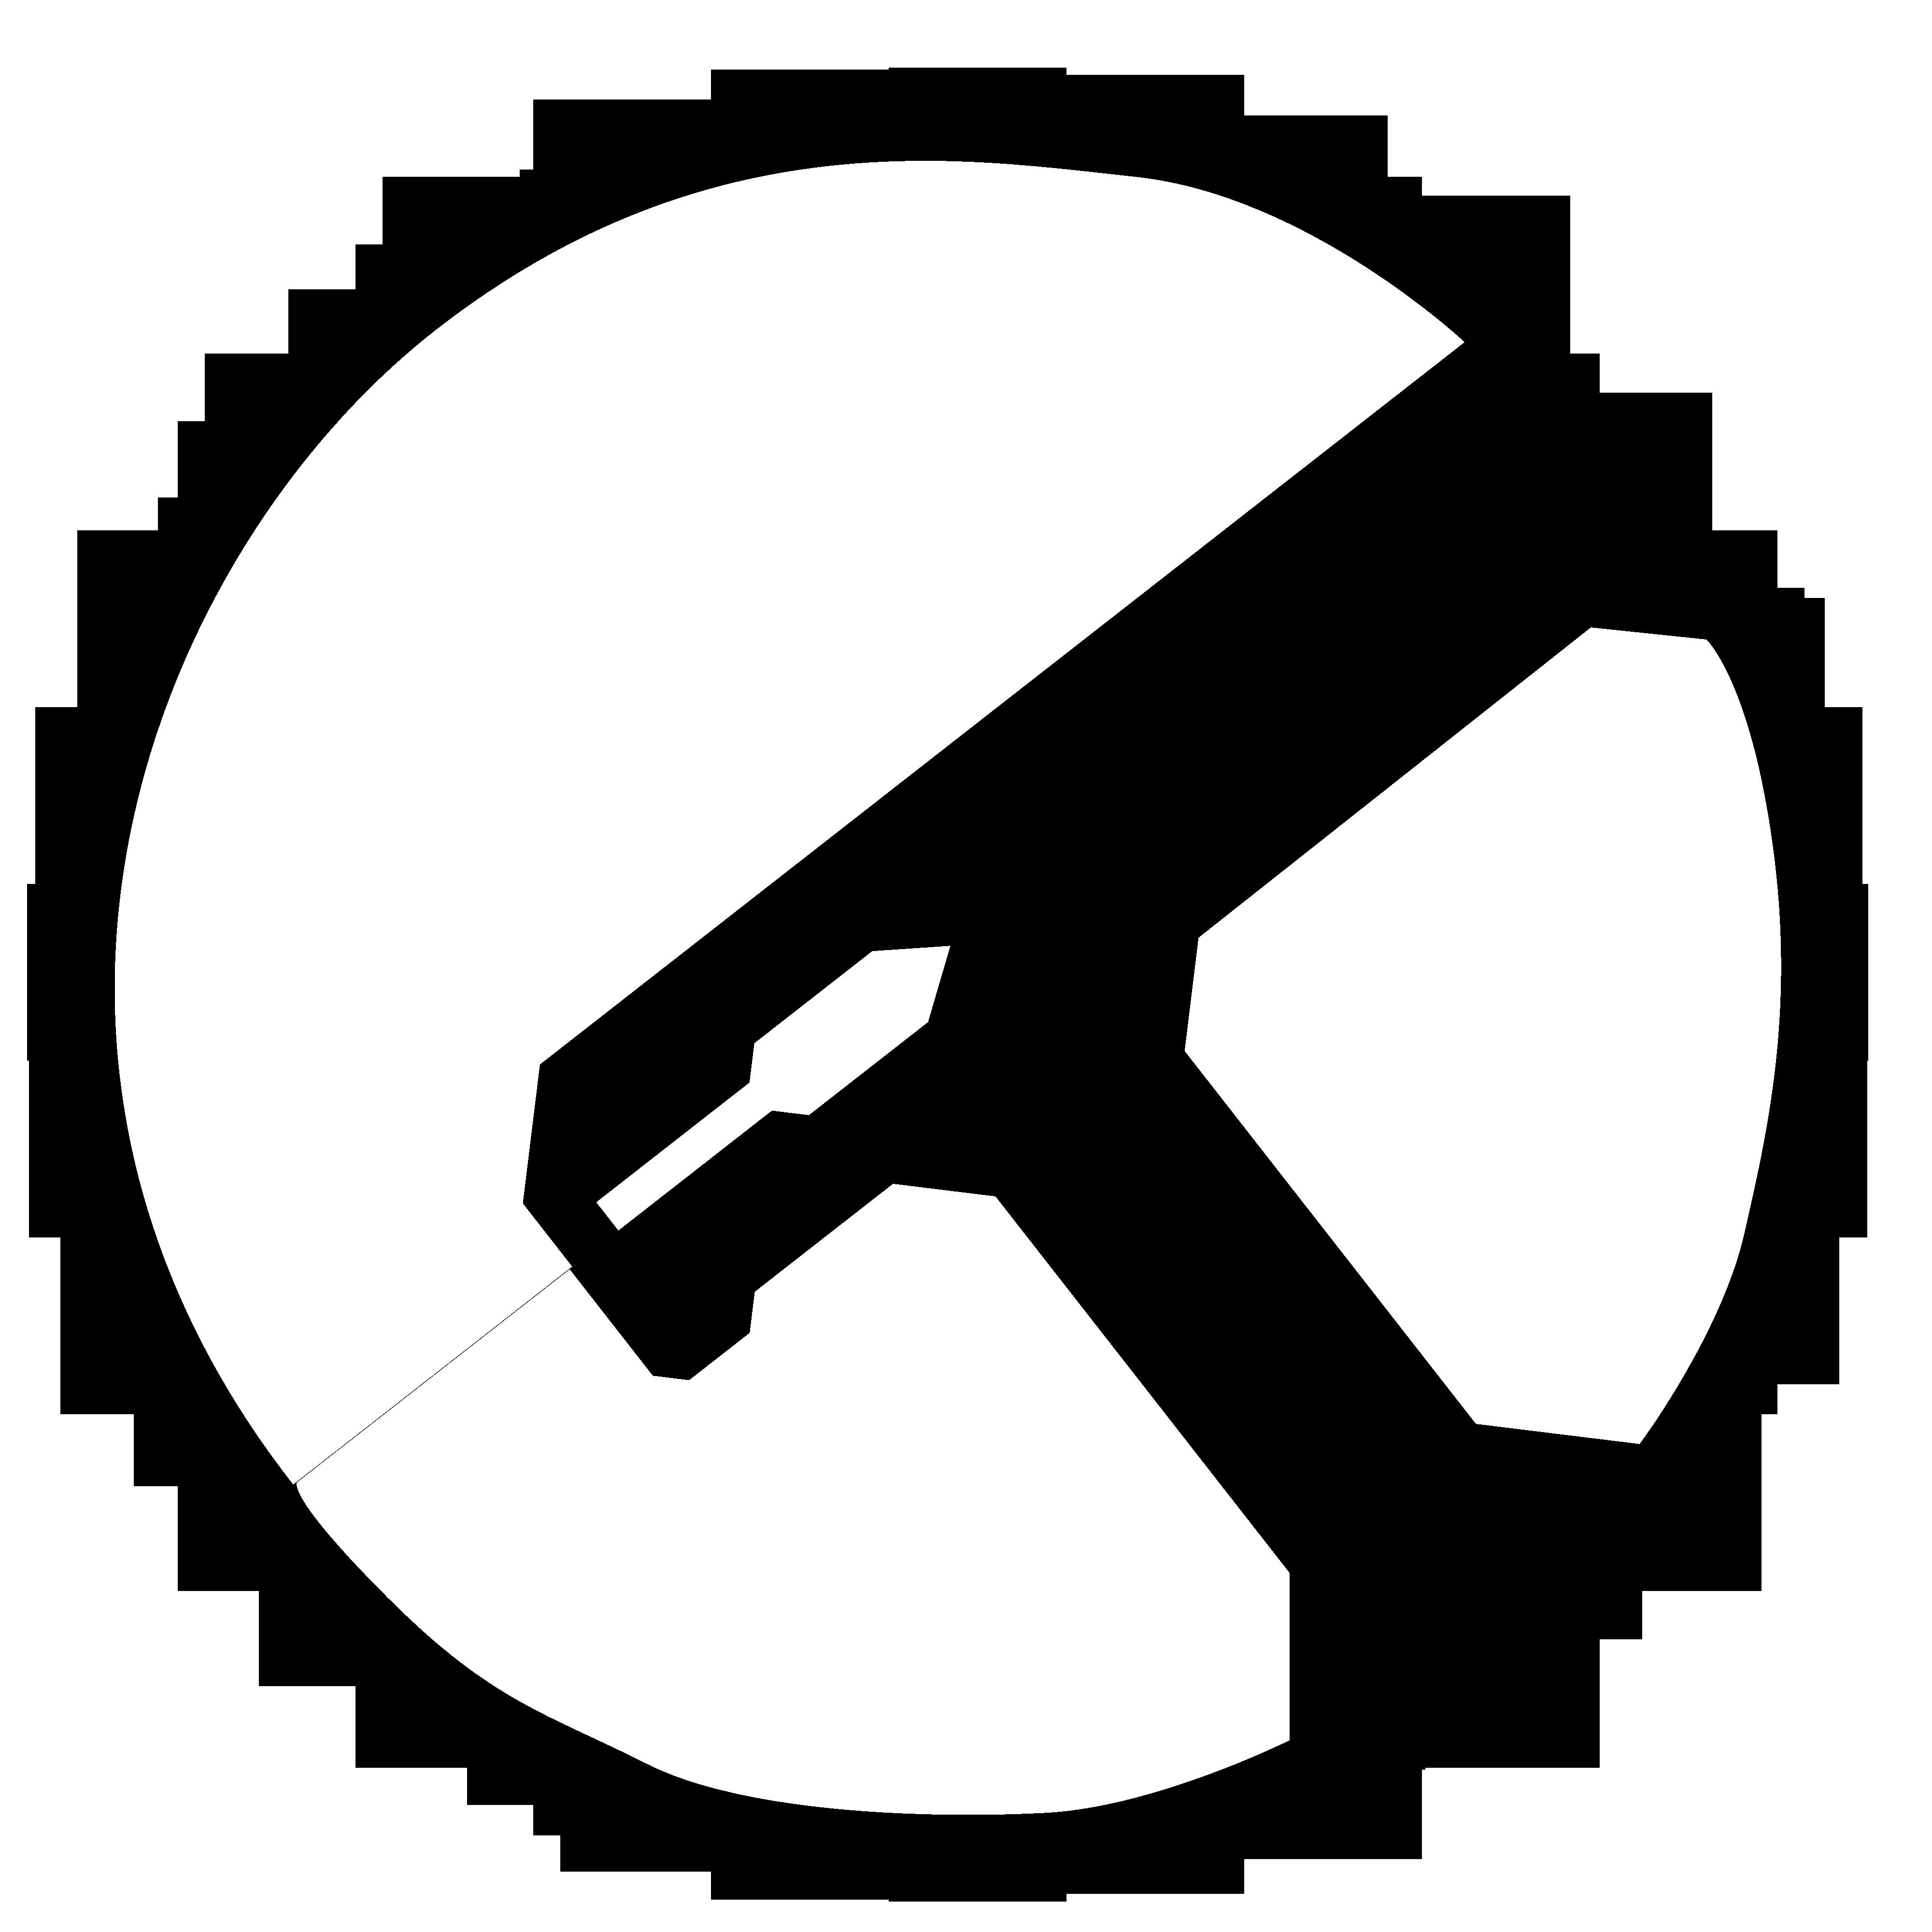 仮面ライダー電王 | Kamen Rider Den-O Symbol Download